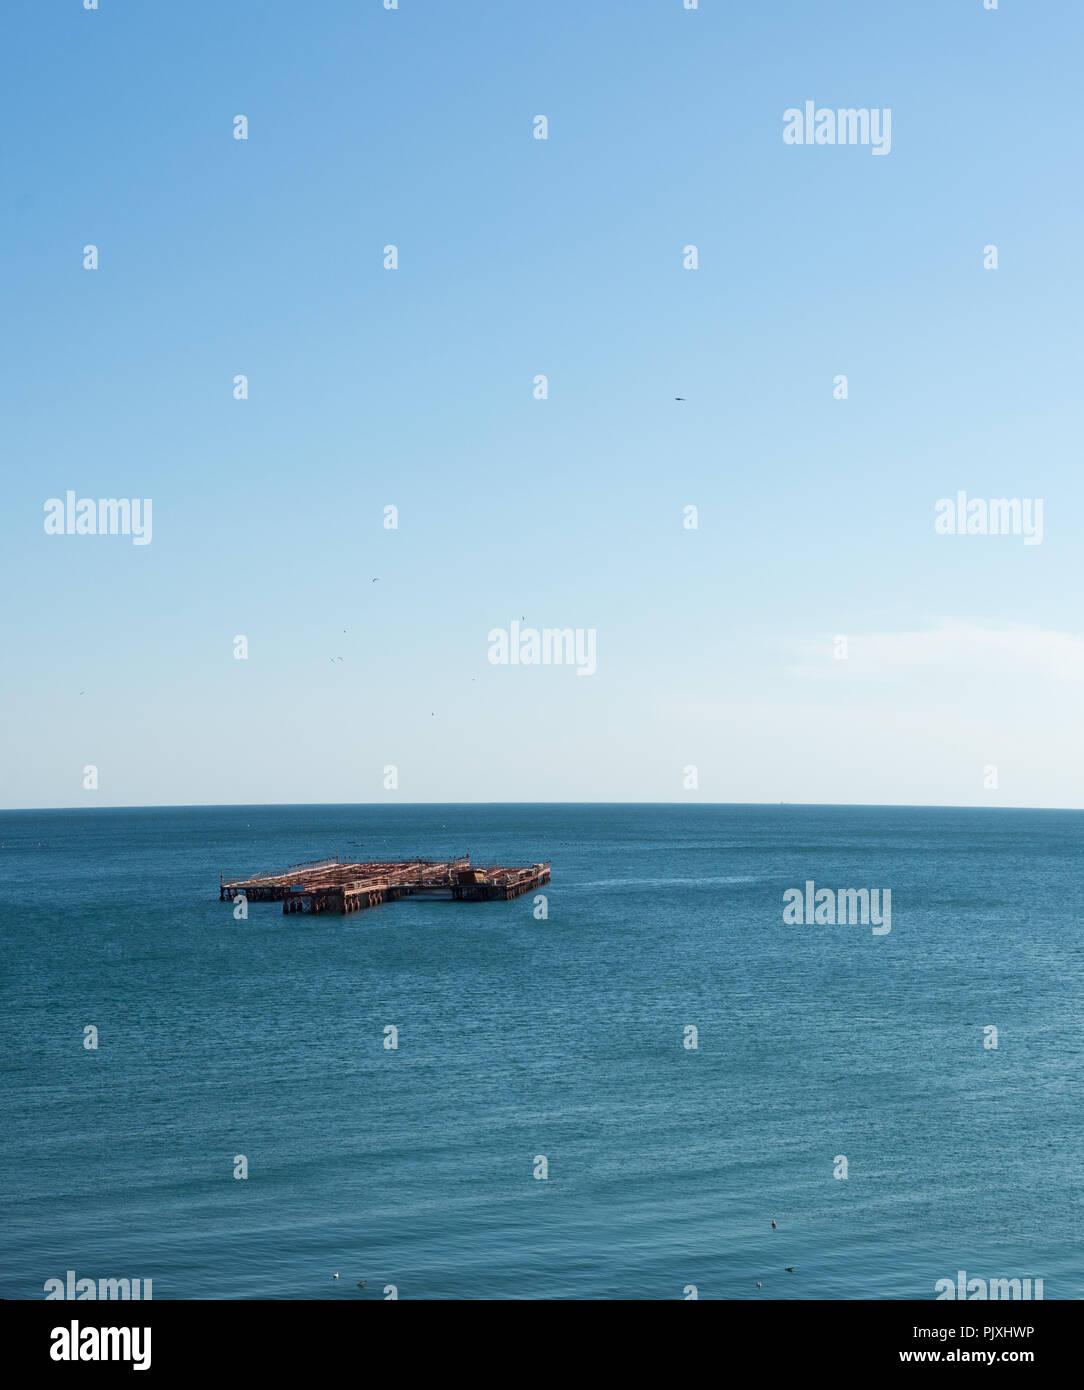 Vue panoramique de la ferme des coquillages dans la mer Noire, Bulgarie Photo Stock